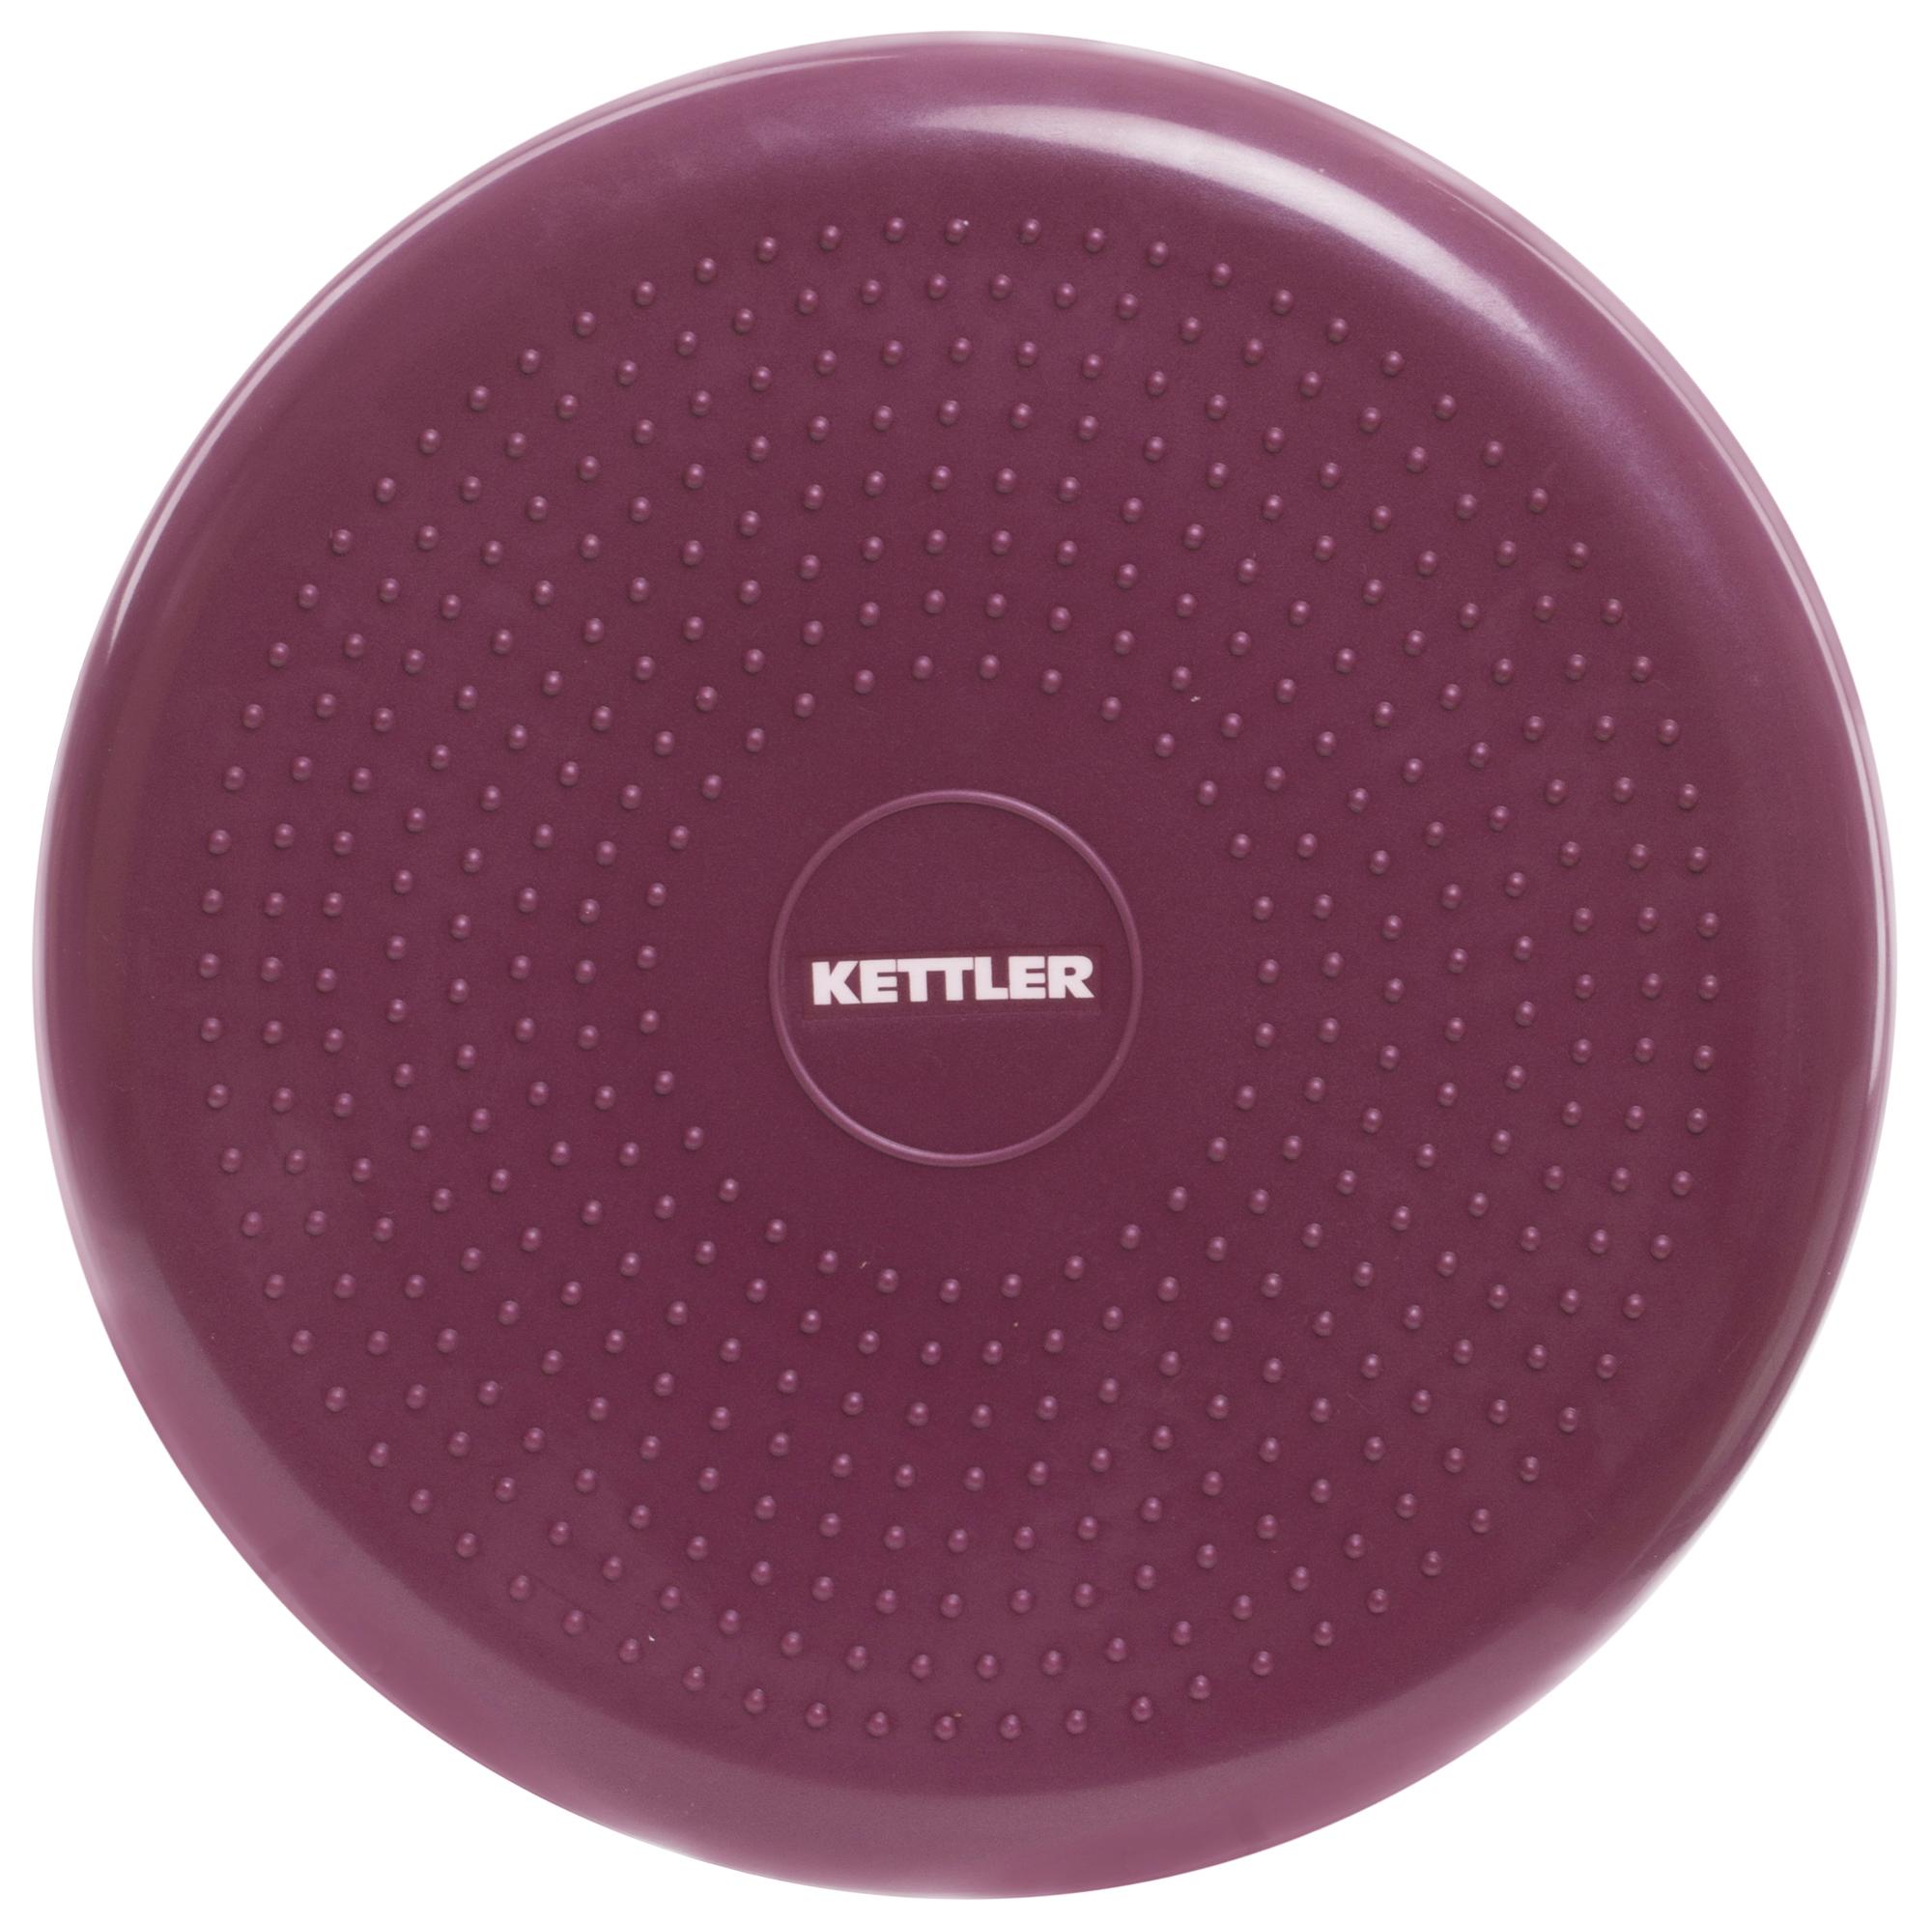 Kettler Массажная балансировочная платформа 7351-400